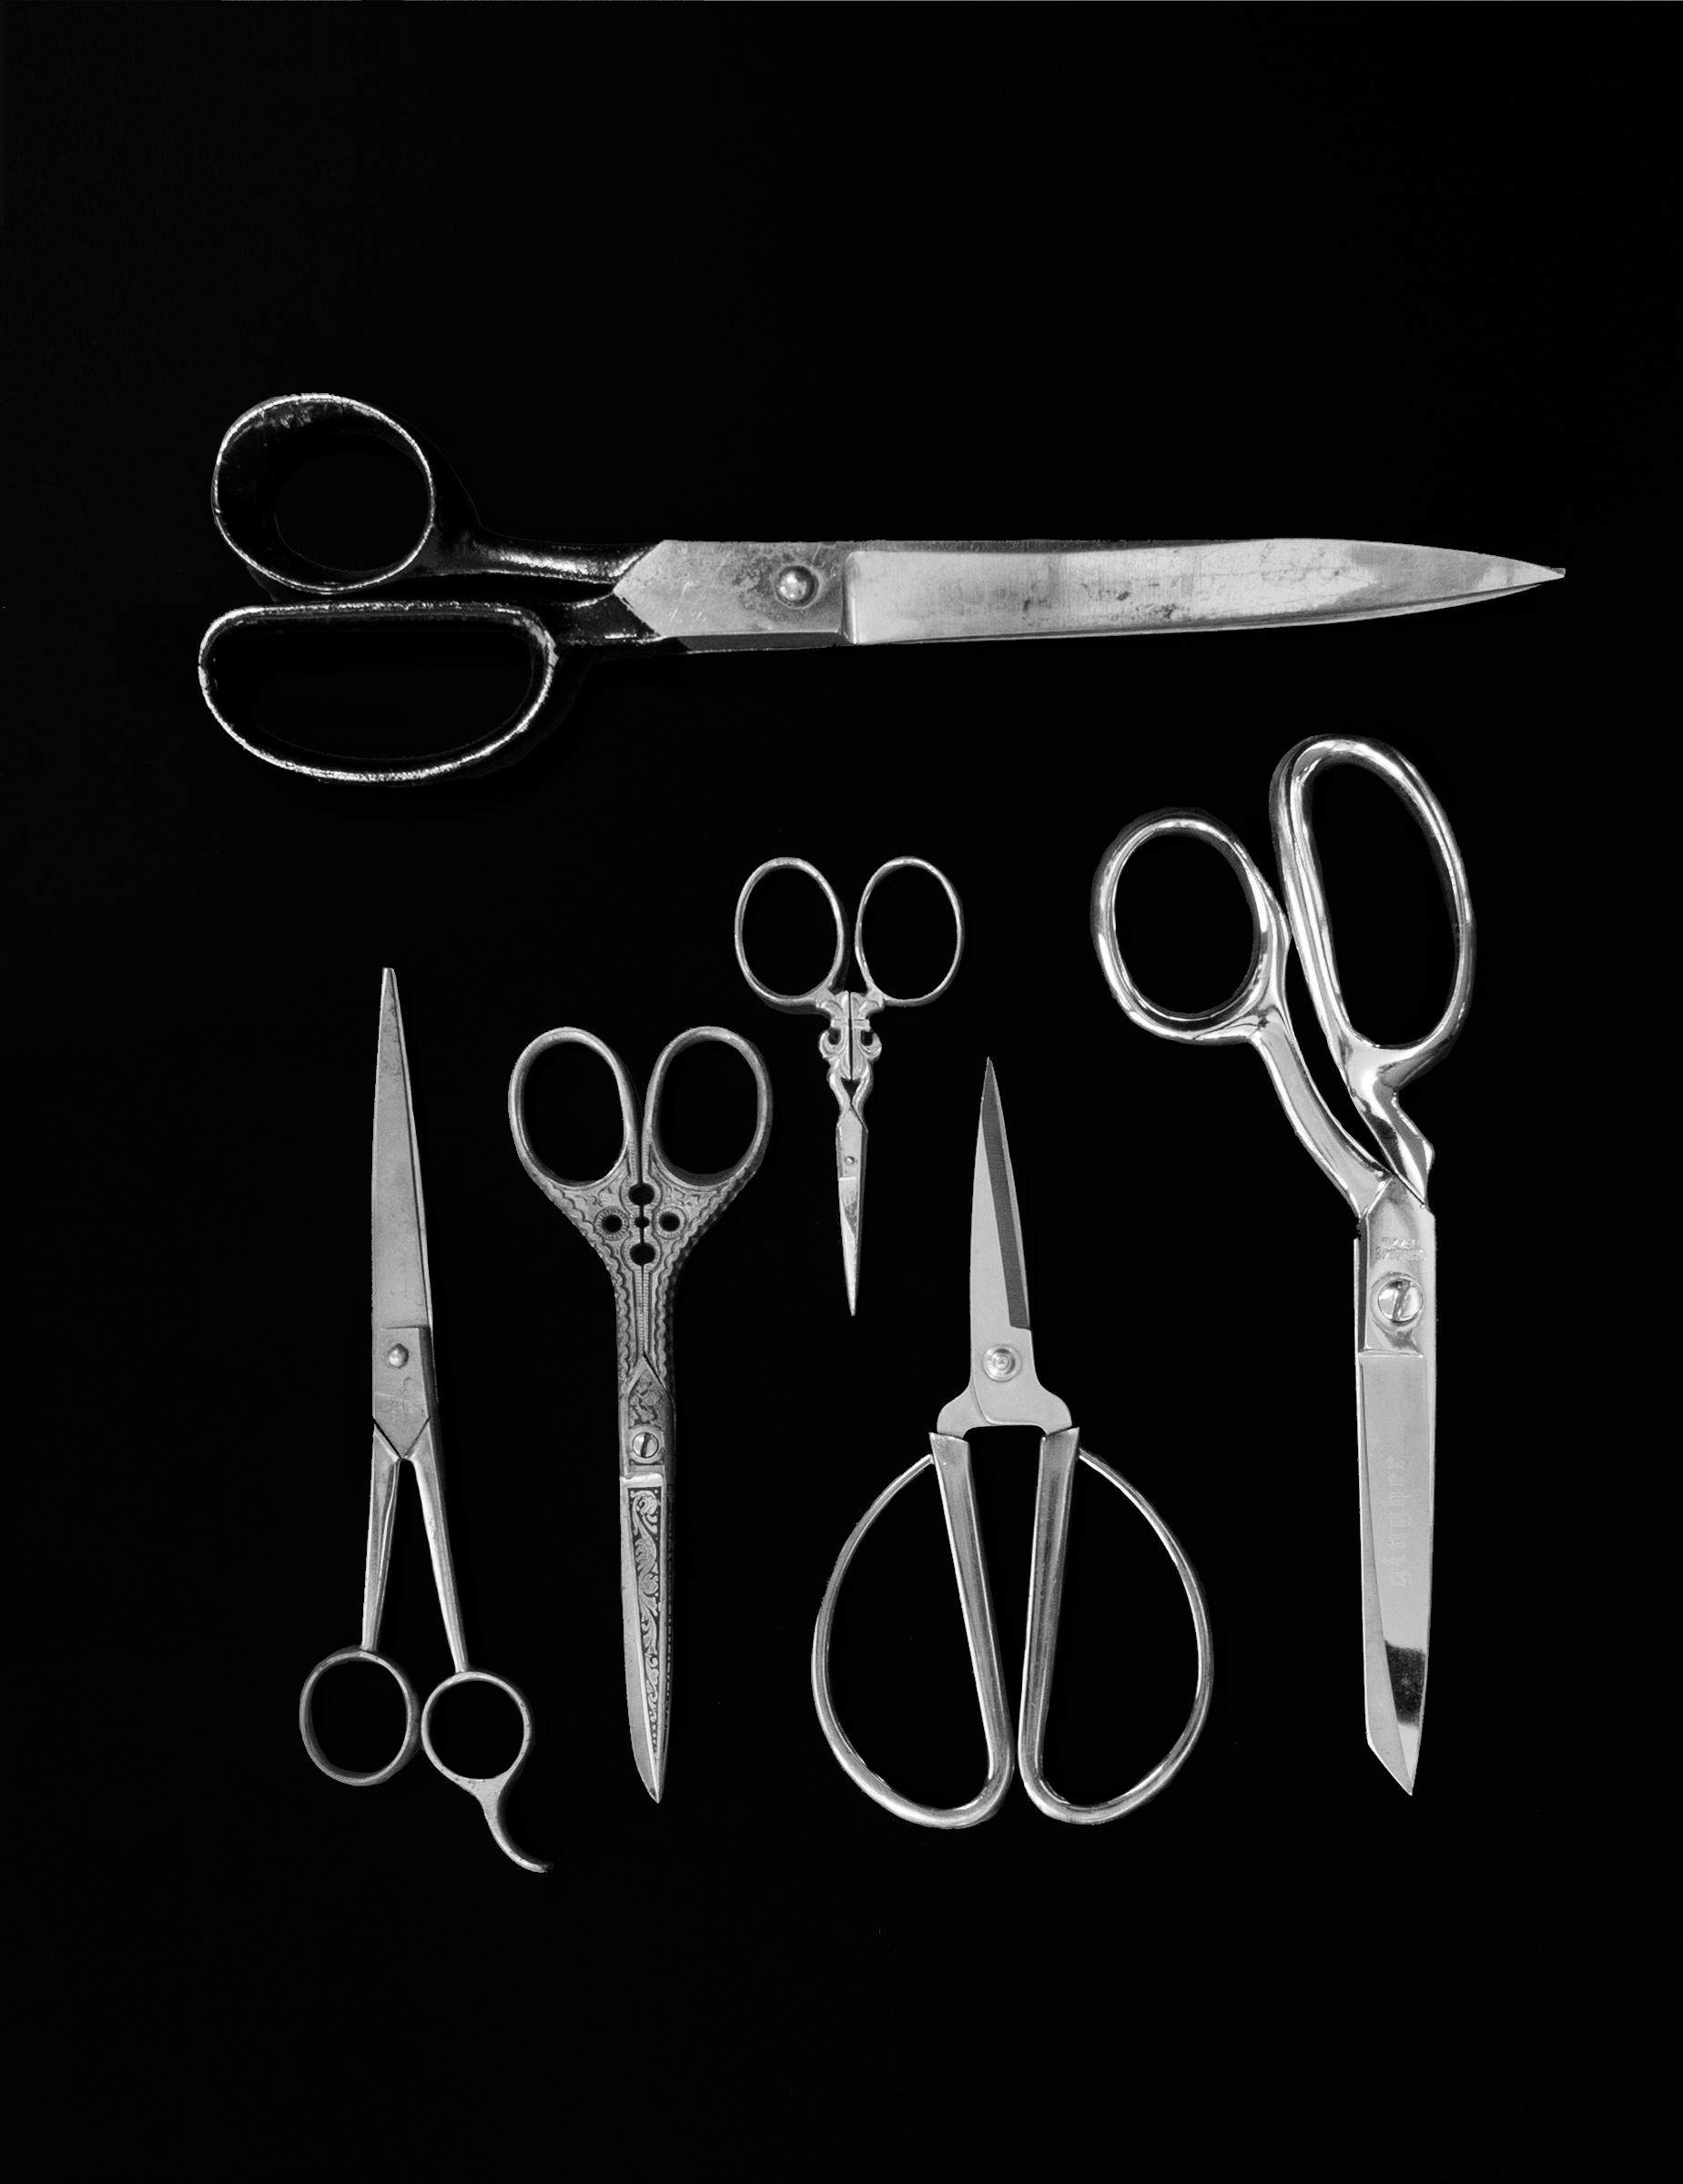 3-Scissors-multi_B&W-3220082-final.jpg